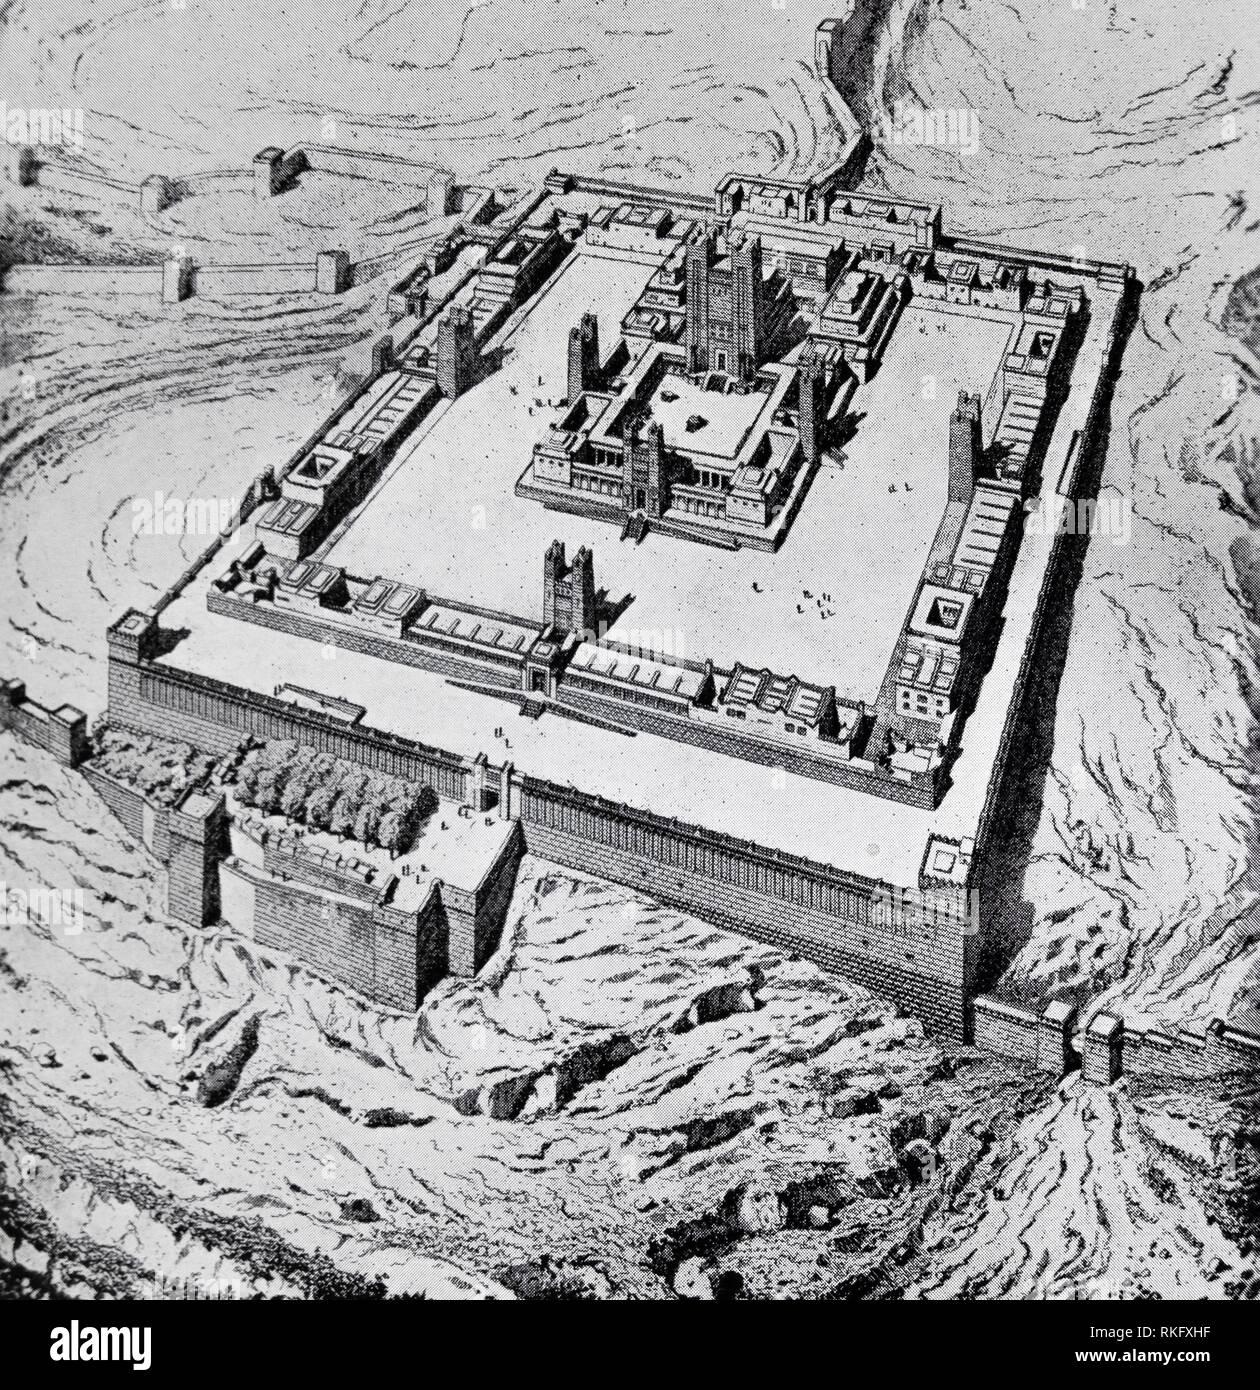 Tempel in Jerusalem der Tempel in Jerusalem war eine Reihe von Strukturen, die auf dem Tempelberg in der Altstadt von Jerusalem entfernt wurden, Stockbild